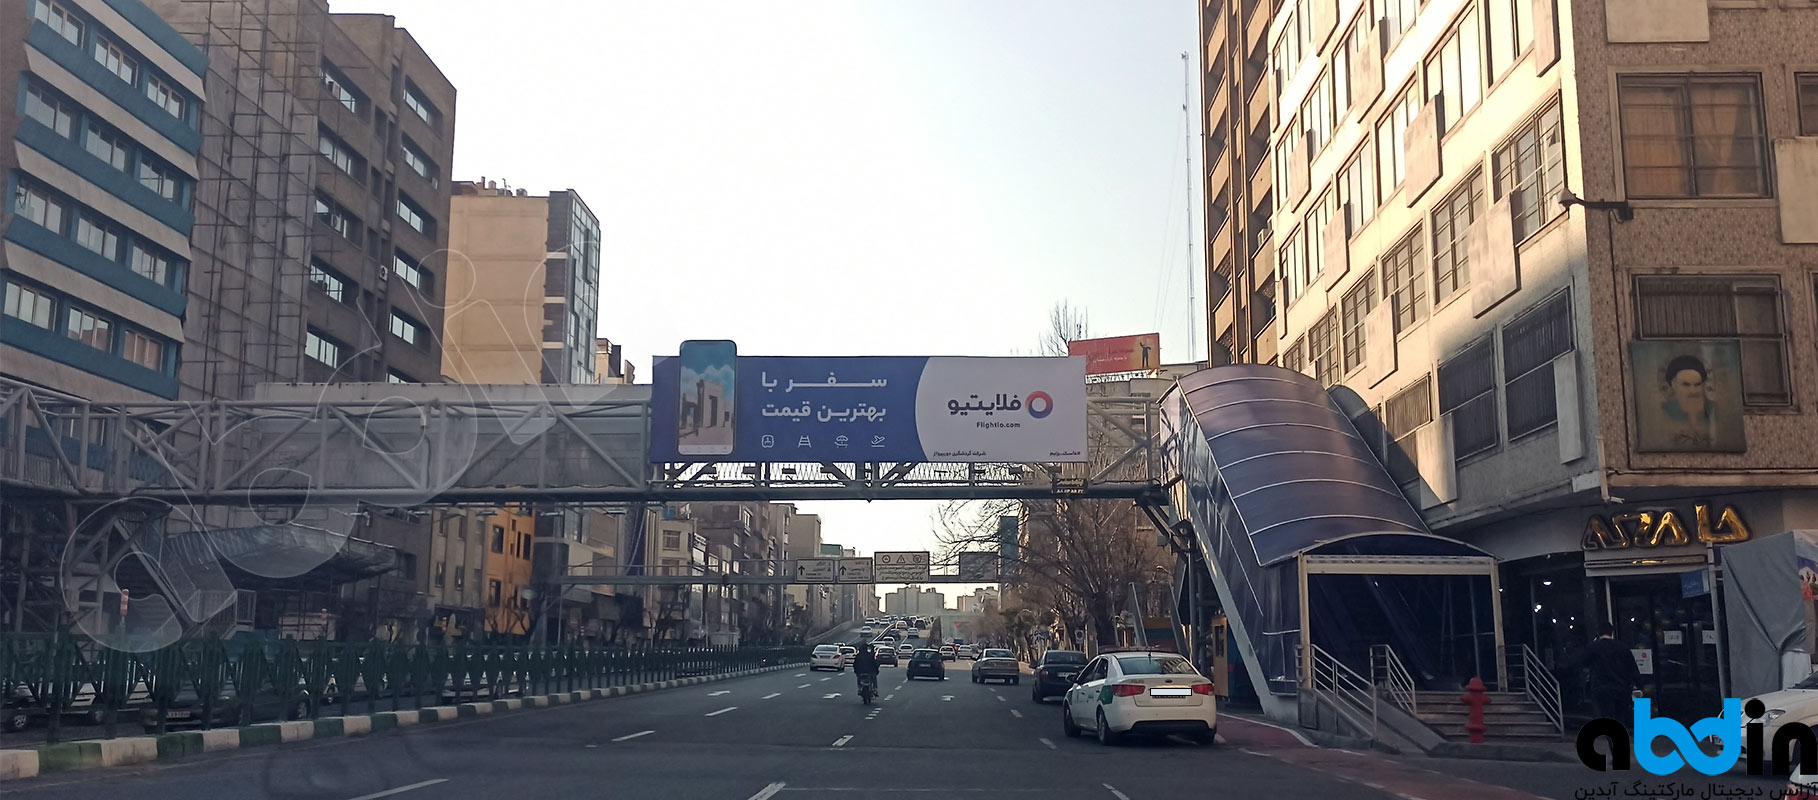 بیلبورد خیابان کریمخان غرب از سمت هفت تیر قبل از روی گذر